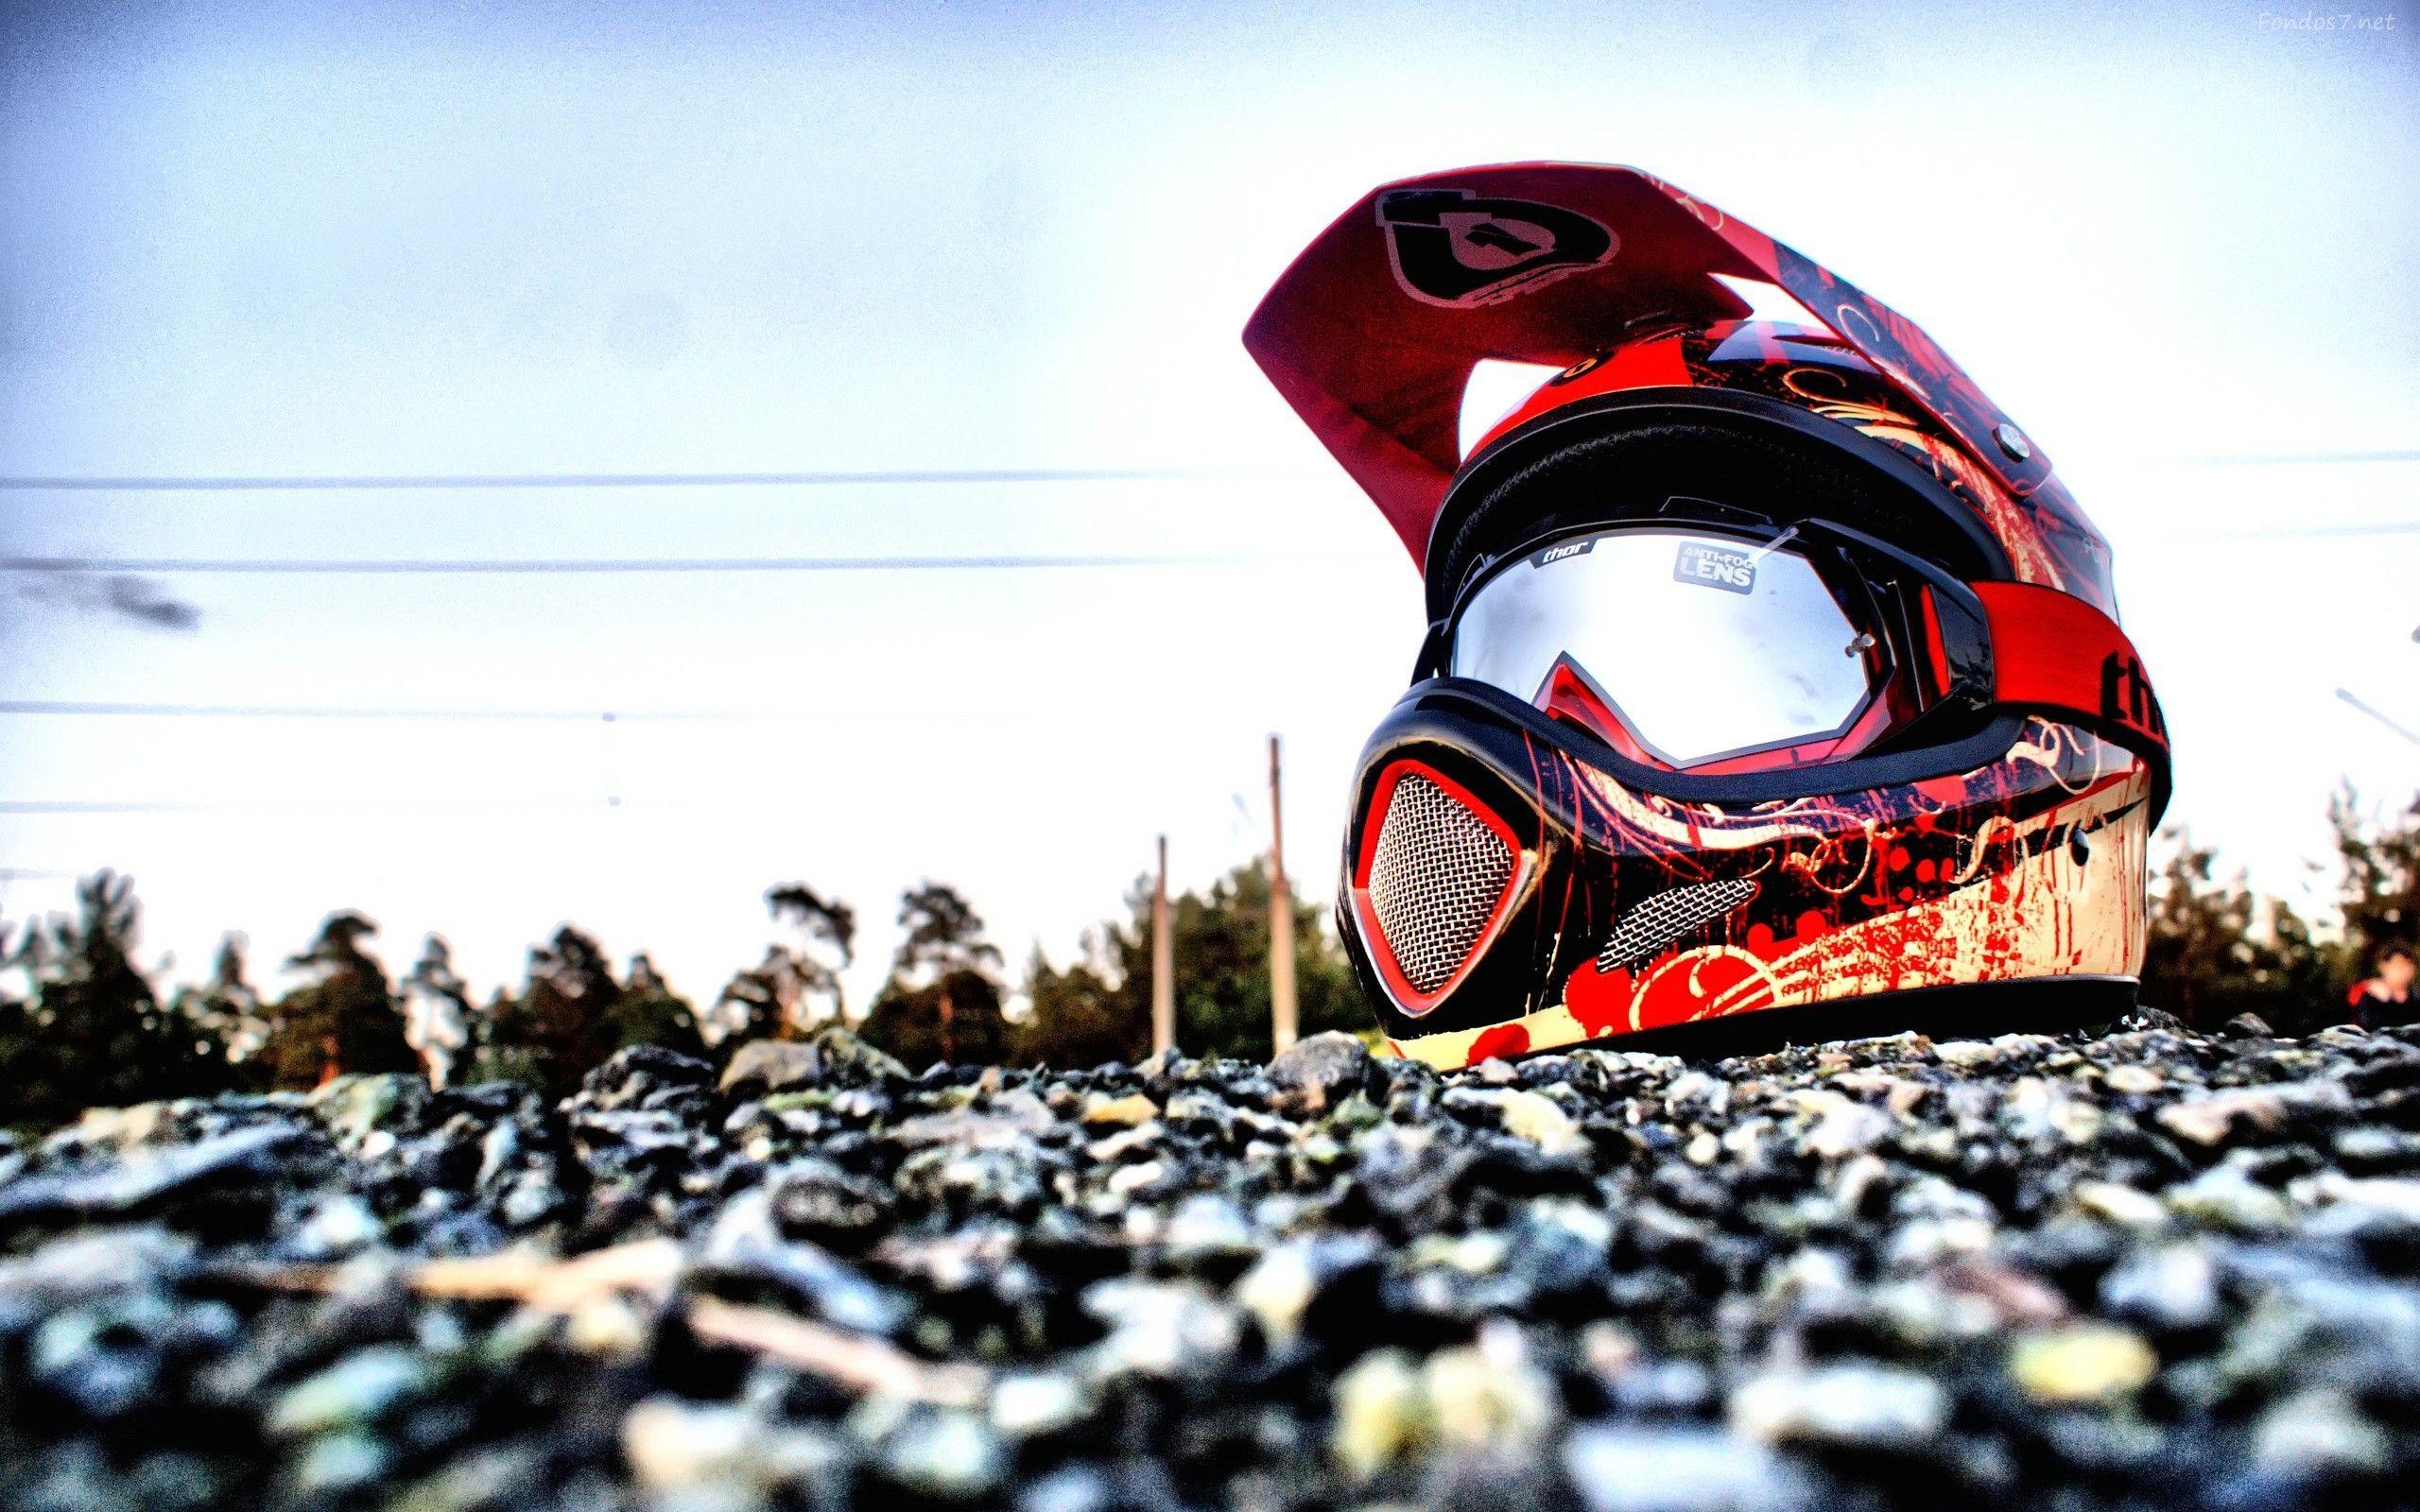 wallpaper motocross 4k celular di 2020 Sepeda, Helm